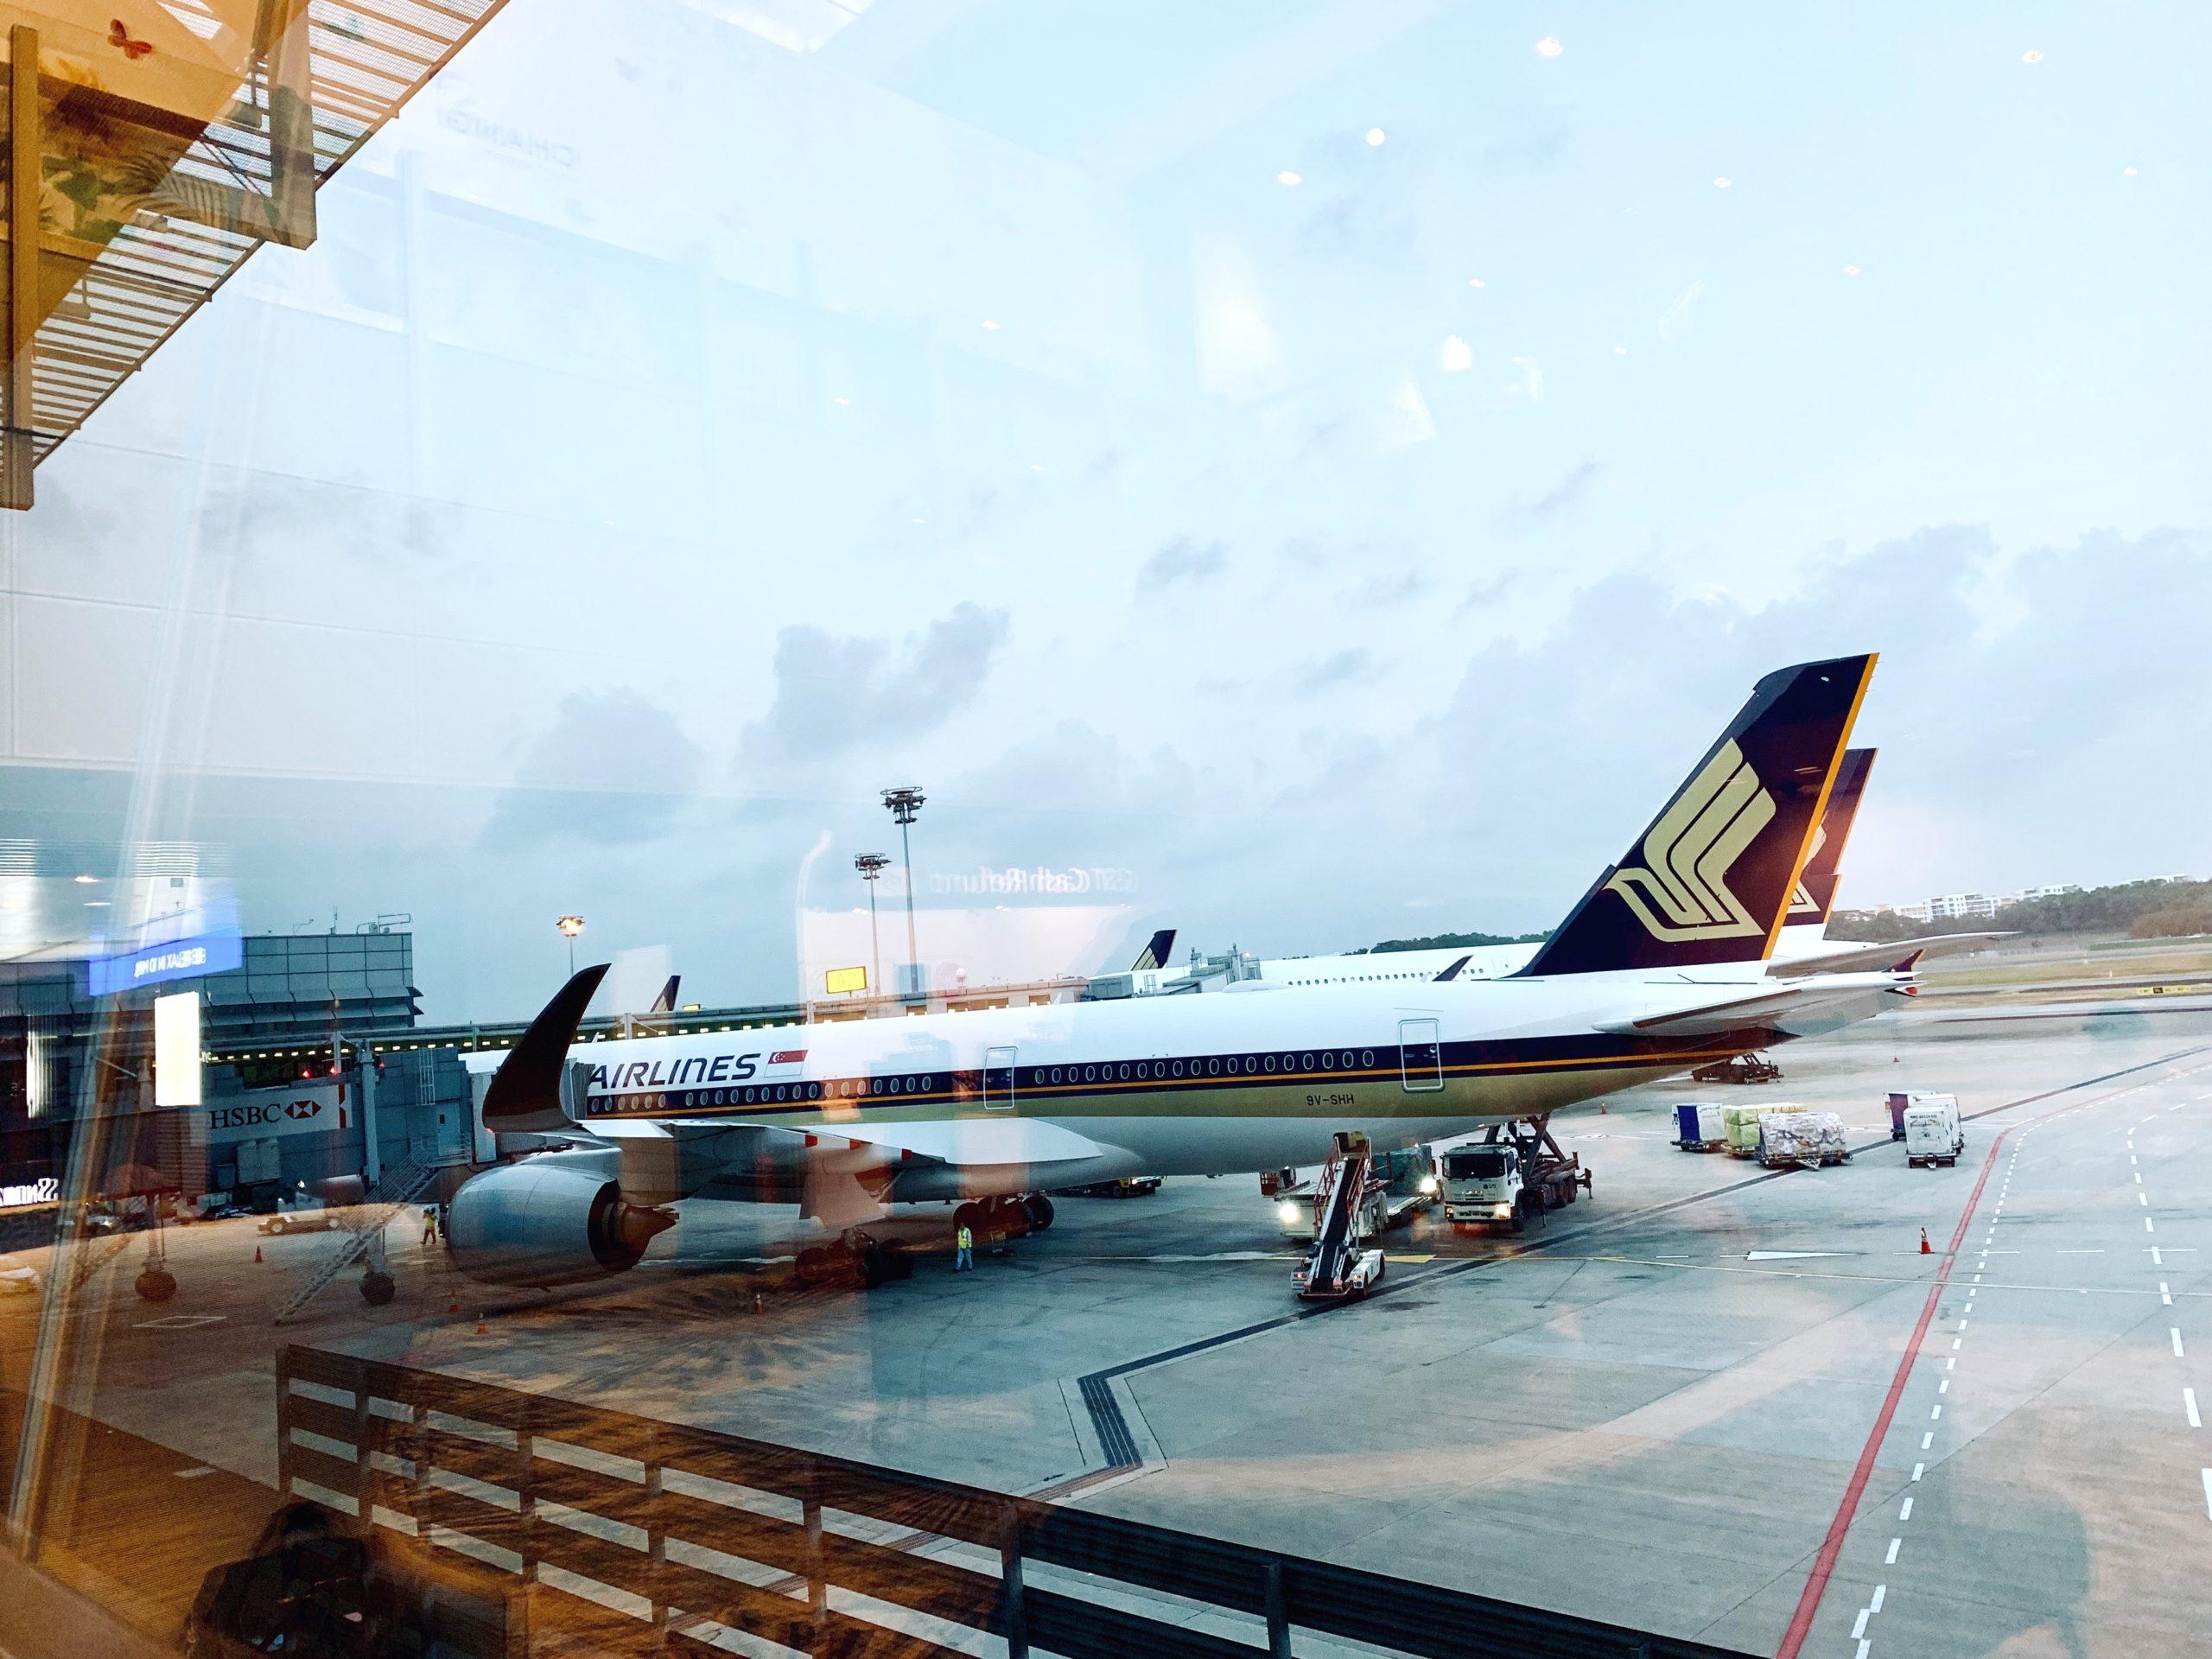 澳洲墨爾本|乘新加坡航空至樟宜機場轉機初體驗及評價